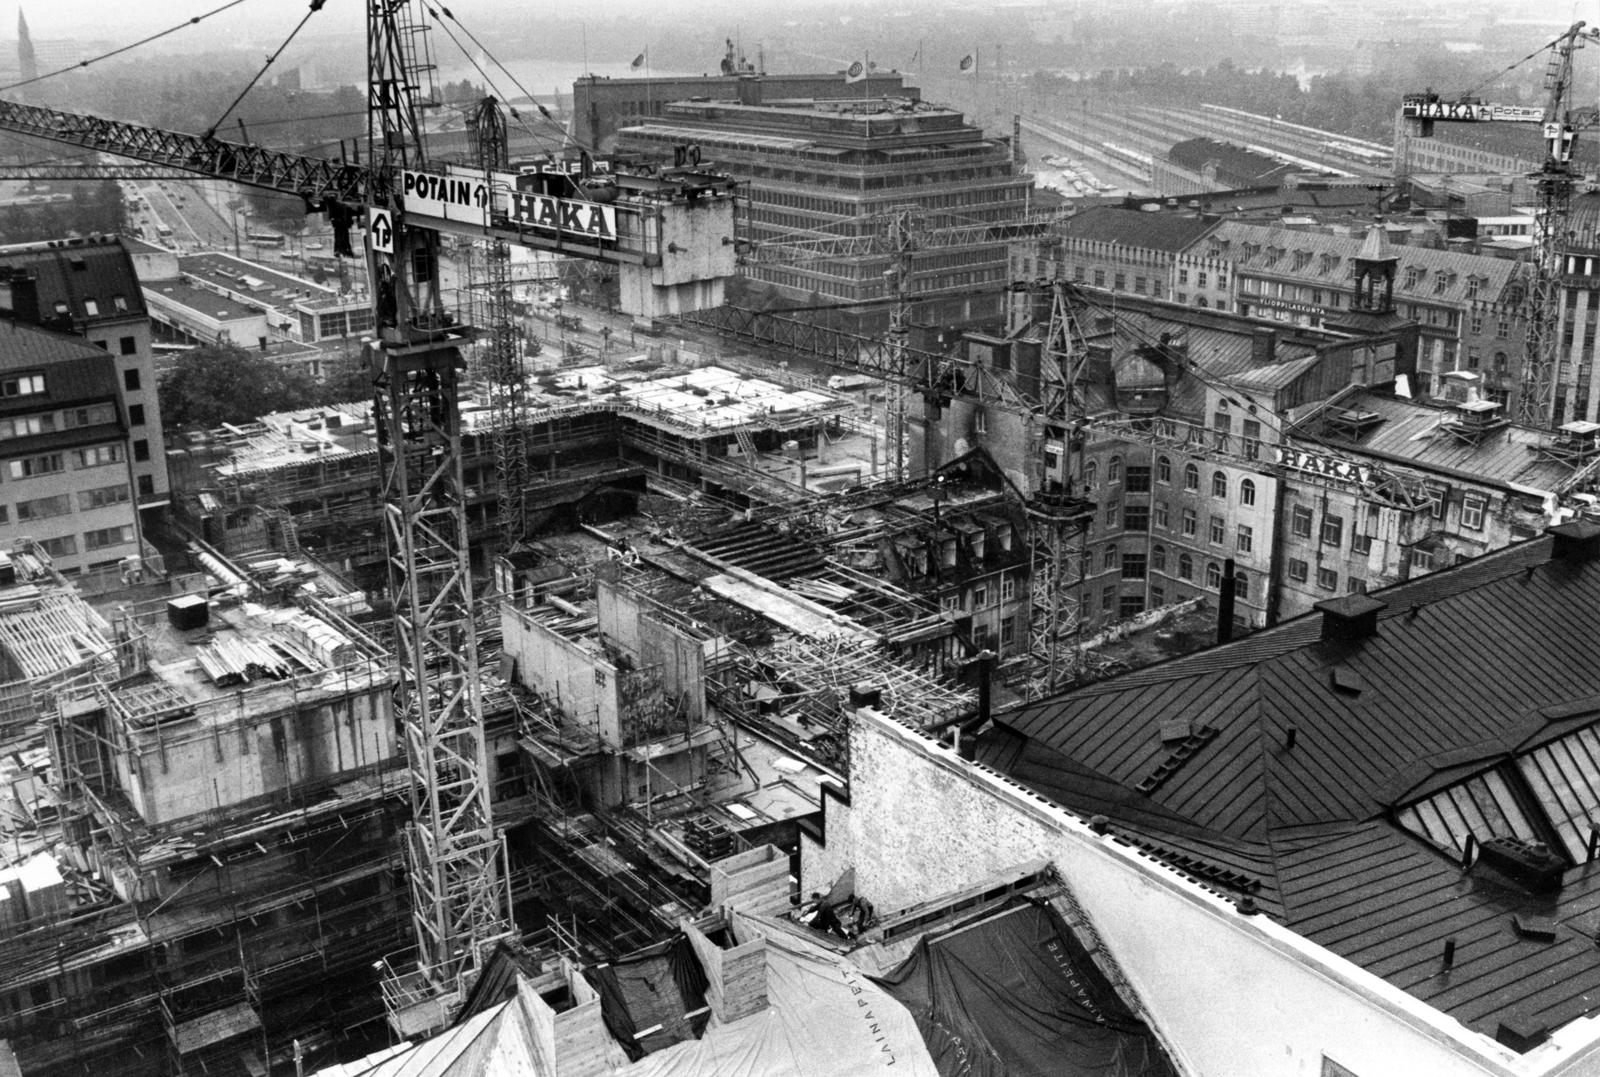 Kuva on hotelli Tornin kattoterassilta rakennustyömaan suuntaan. Savun tummentamat torninosturit jäivät palon jälkeen pystyyn. Vaara oli kuitenkin tarjolla myös niiden sortumisesta kuumuuden heikentäessä teräksiä. Kuva: Juhani Katajamäki.